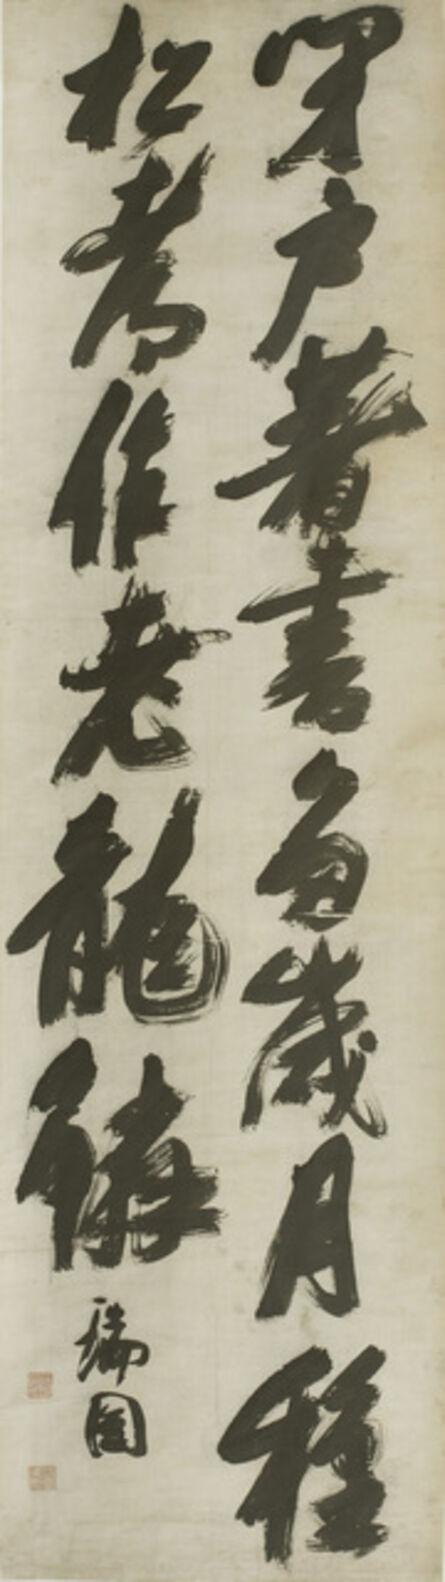 Zhang Ruitu 張瑞圖, 'Poem by Wang Wei', China, Ming dynasty (1368–1644), undated